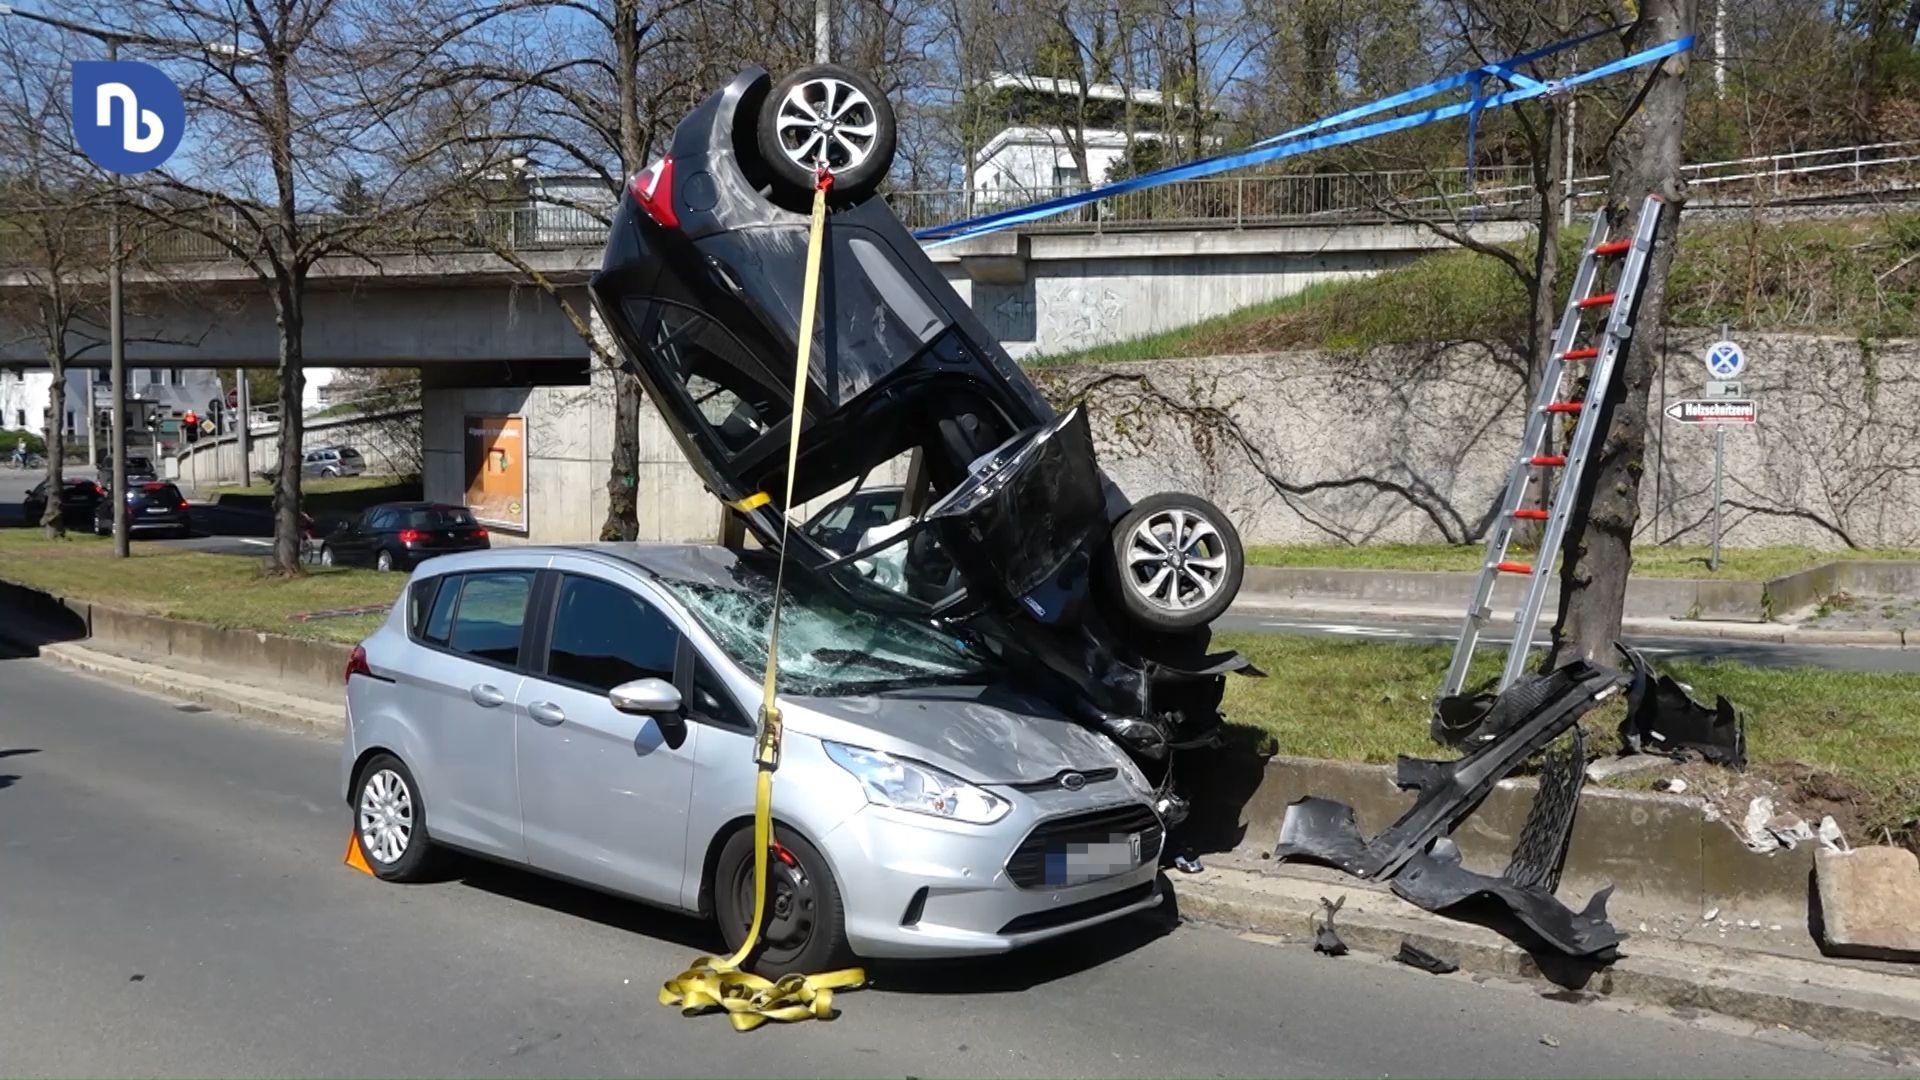 Spektakulärer Unfall in Nürnberg: Auto überschlägt sich